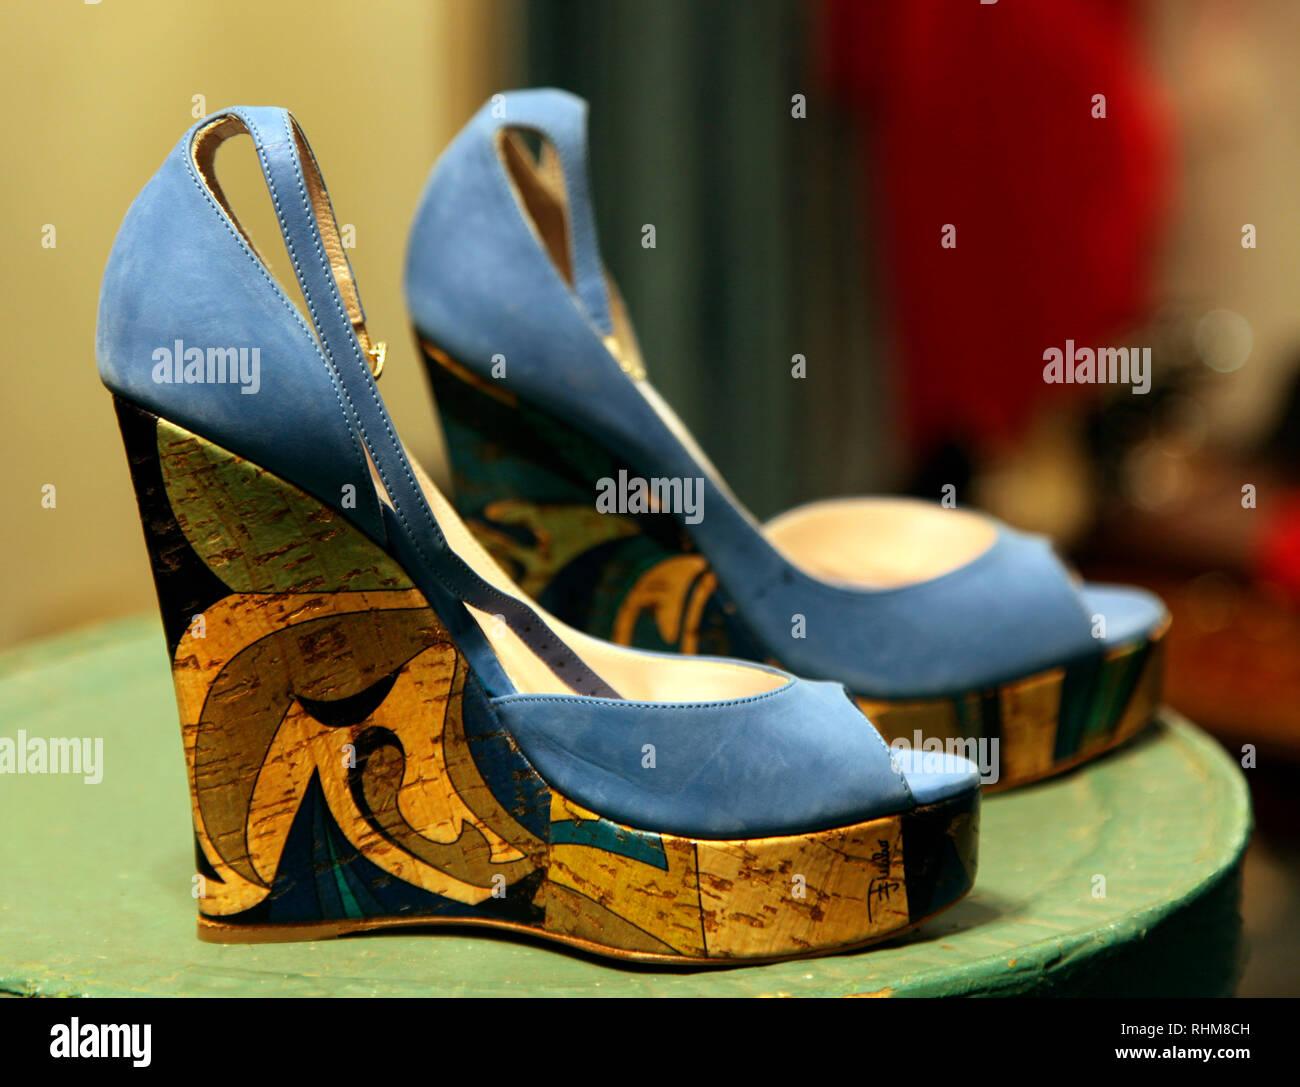 Zapatos con plataforma de Pucci, a la venta en la tienda Yard, Portlaoise, Irlanda Imagen De Stock